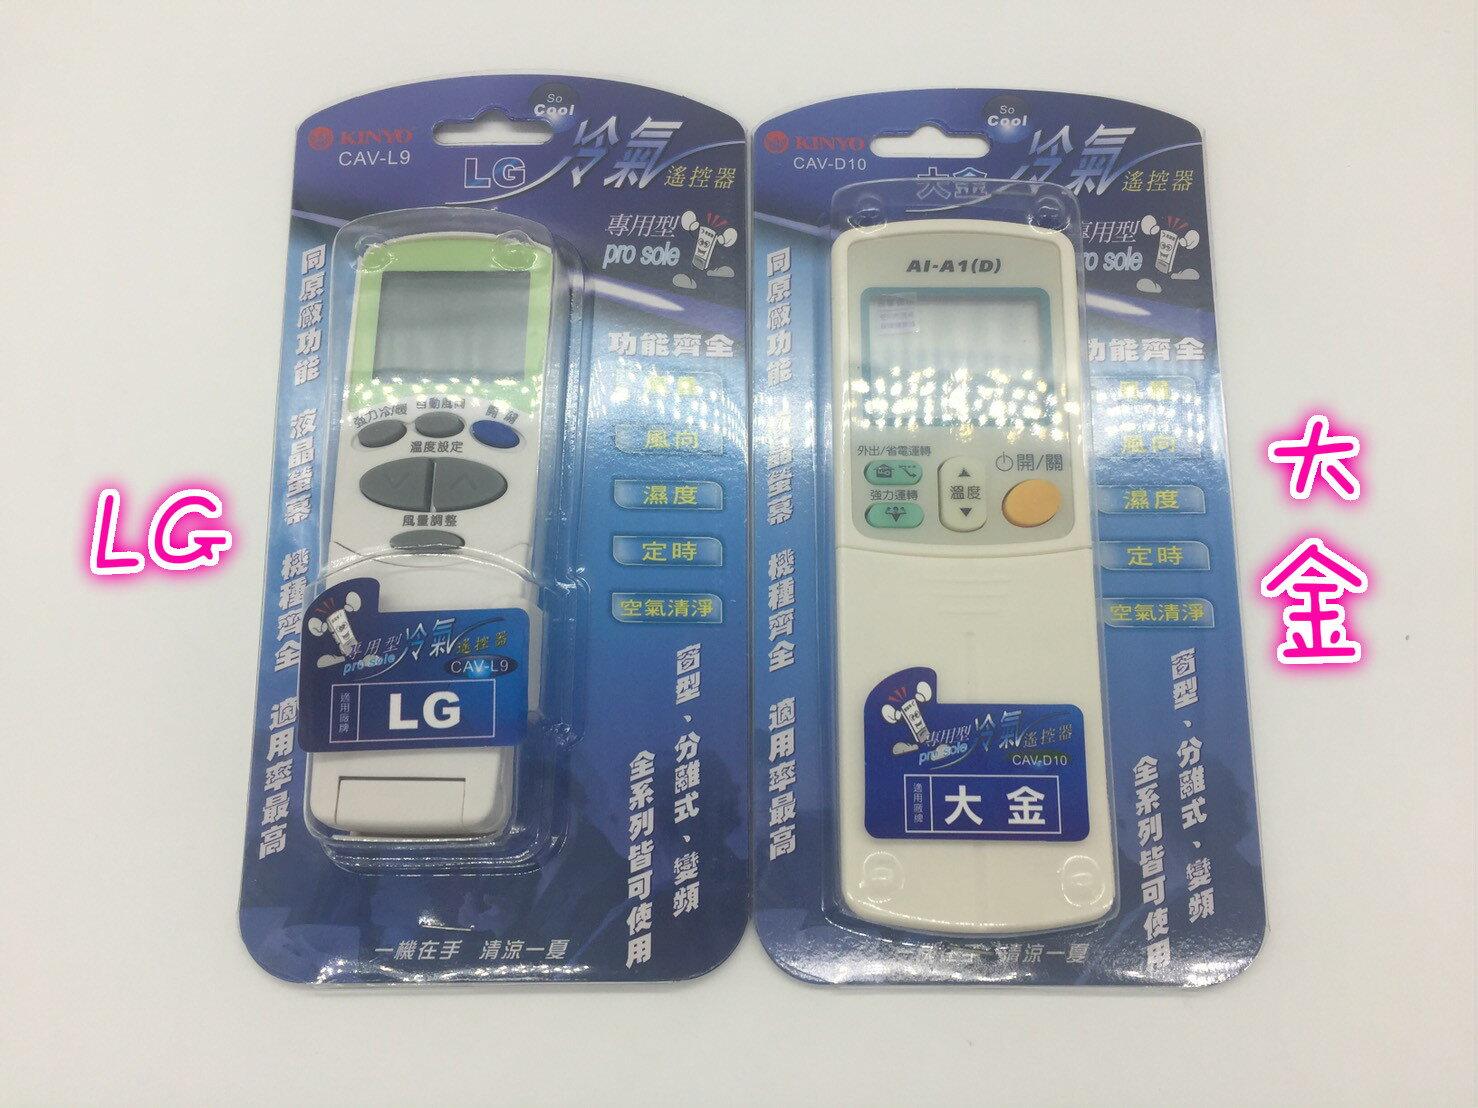 ❤含發票❤獨家送電池❤KINYO冷氣遙控器❤國際 日立 東元 聲寶 三洋 歌林 大同 富士通 LG 大金❤ 3